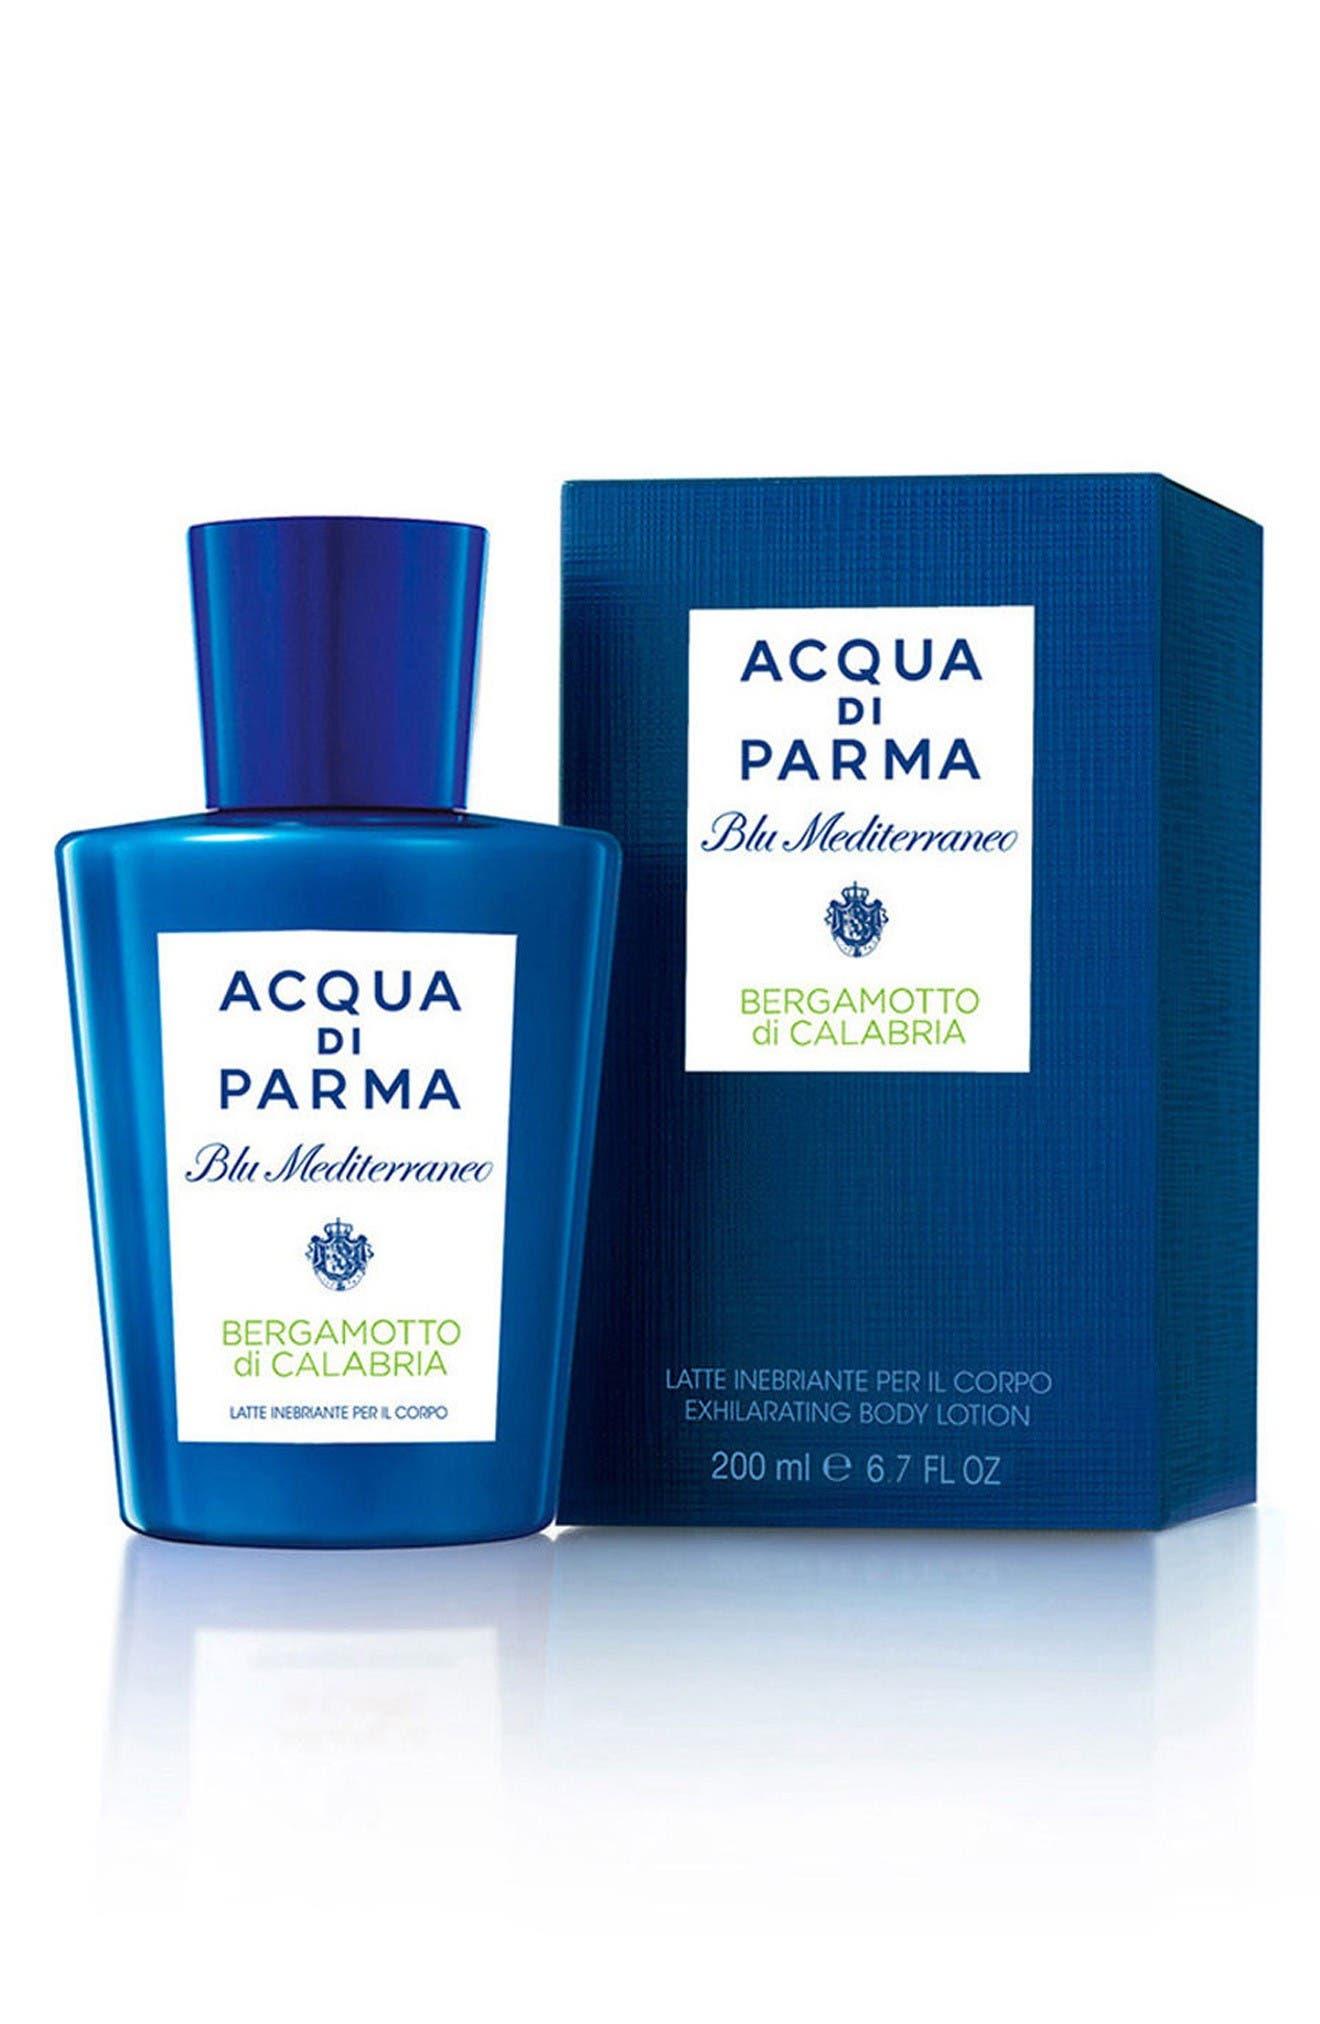 Alternate Image 2  - Acqua di Parma 'Blu Mediterraneo' Bergamotto di Calabria Body Lotion